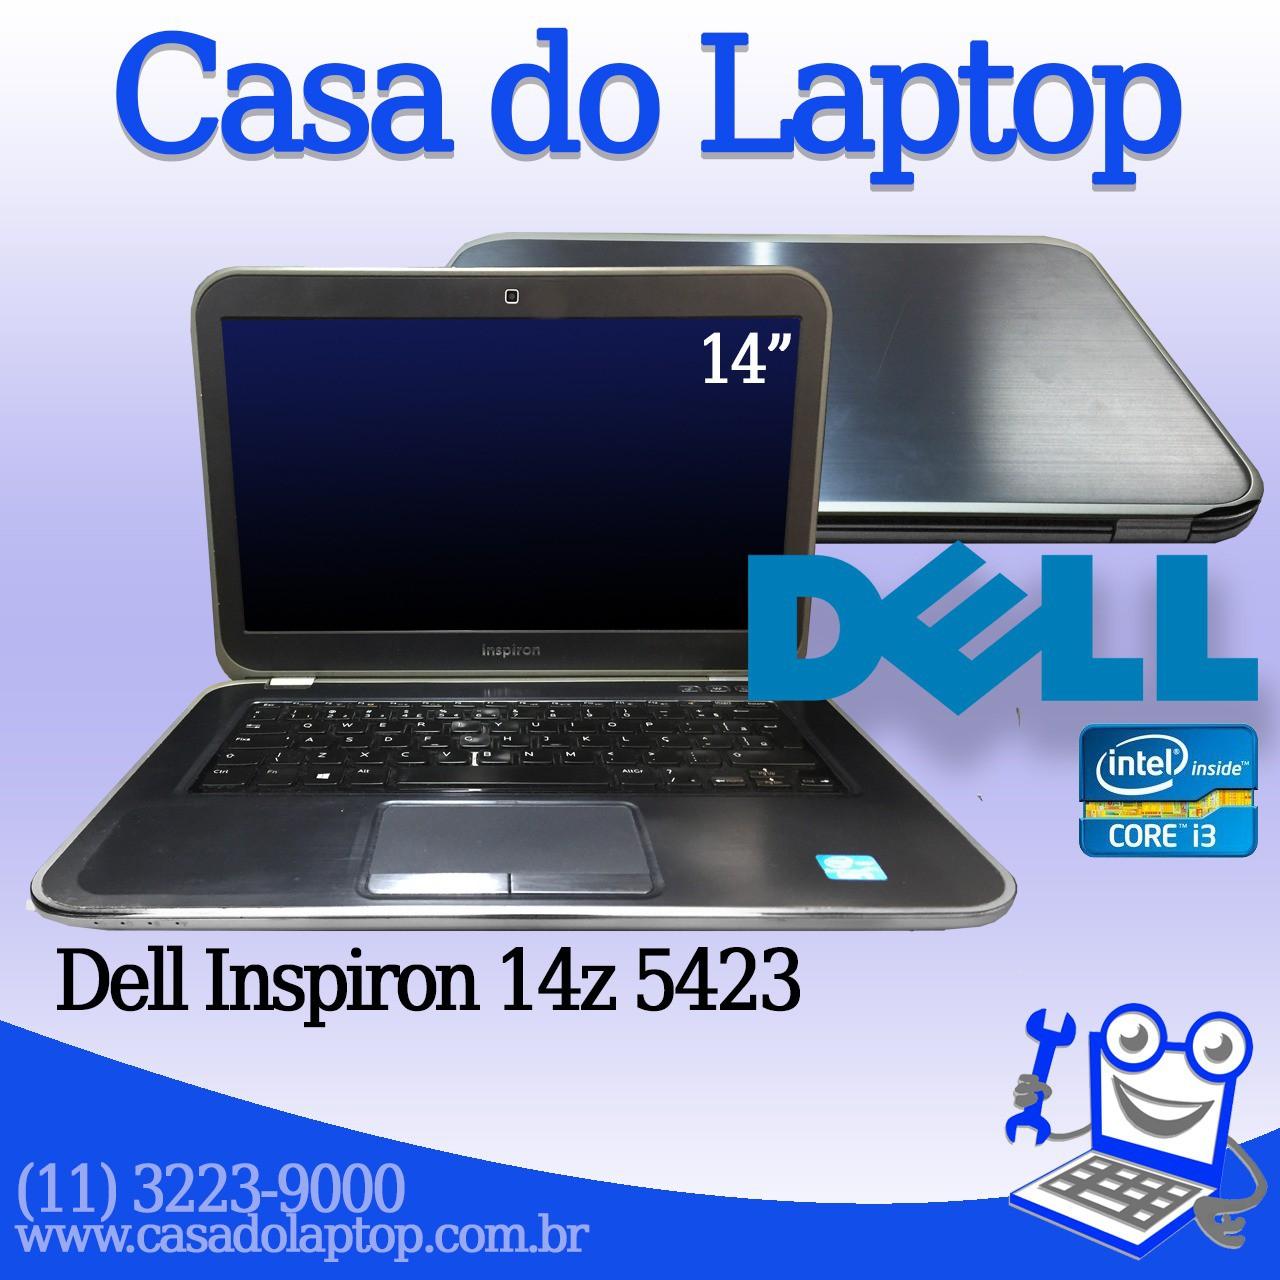 Laptop Dell Inspiron 14z 5423 Intel i5 de 3a. Geração 4 GB memória e 500 GB disco